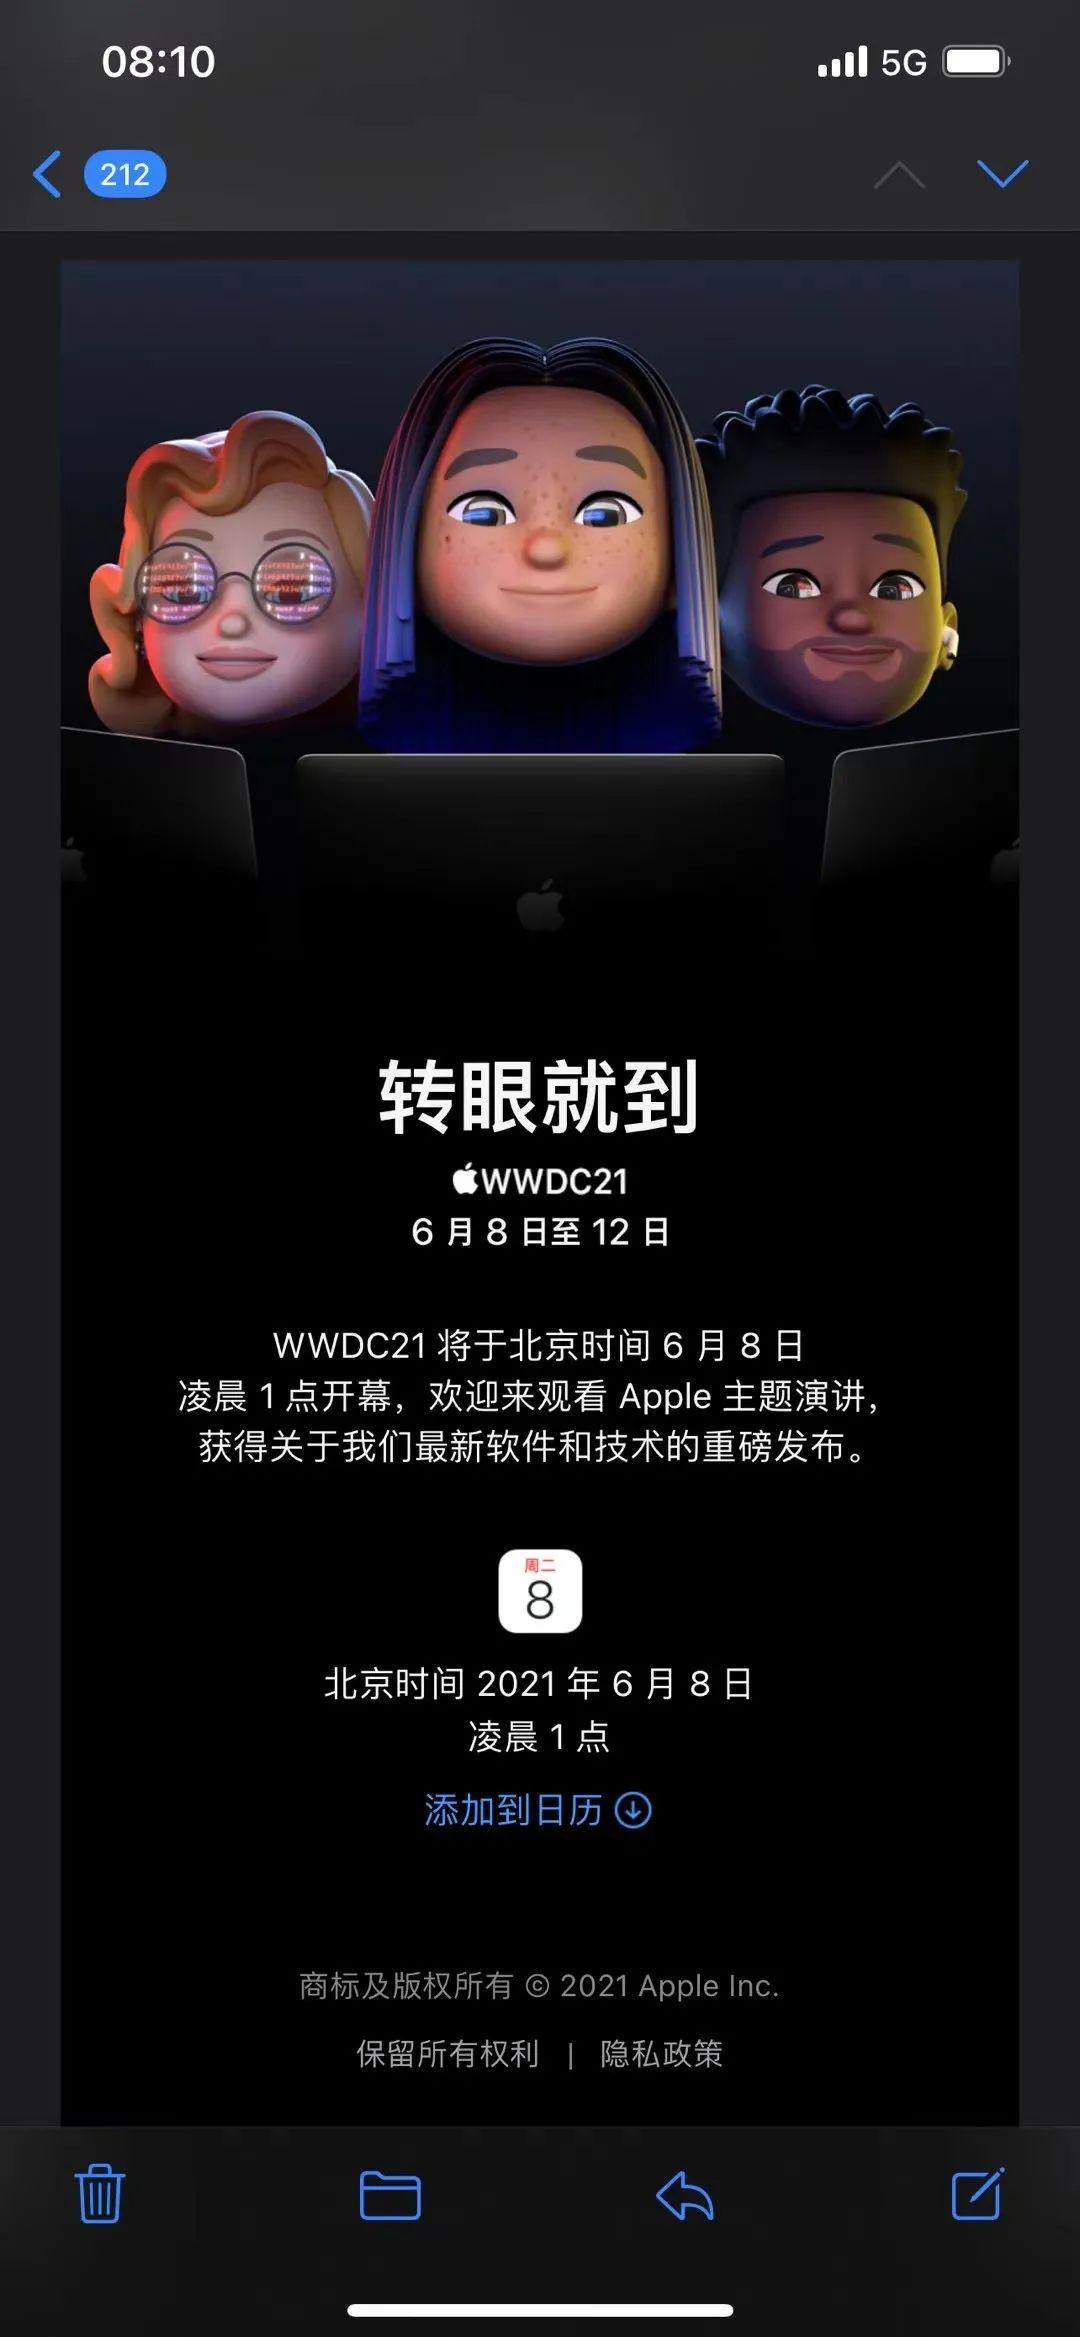 苹果官宣WWDC2021,邀请函上有一处彩蛋